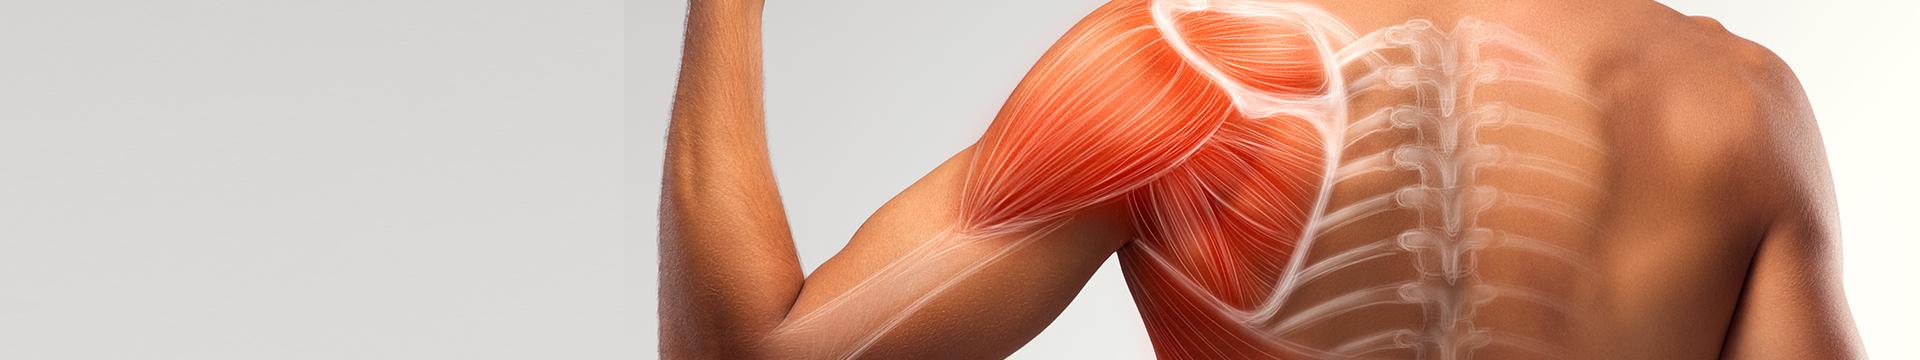 肌肉痠痛-名杏診所Dr.永生樹